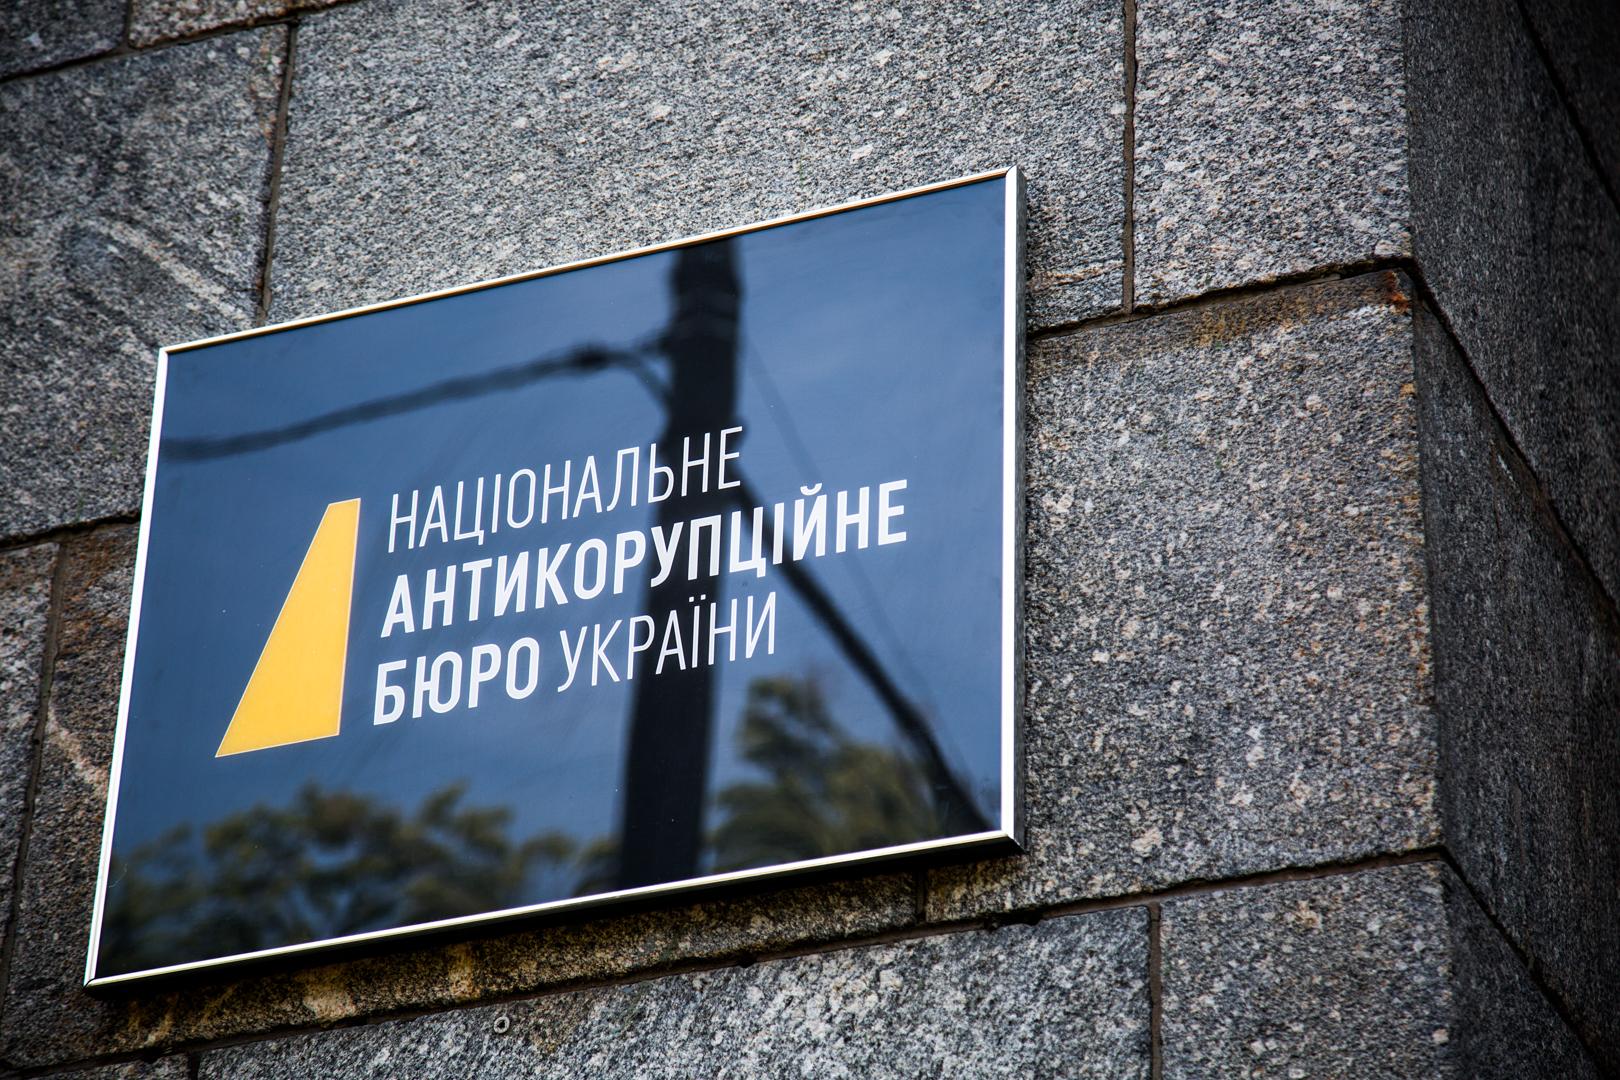 Top-https://www.slidstvo.info/news/ksu-vyznav-nekonstytutsijnymy-okremi-polozhennya-zakonu-pro-natsionalne-antykoruptsijne-byuro/